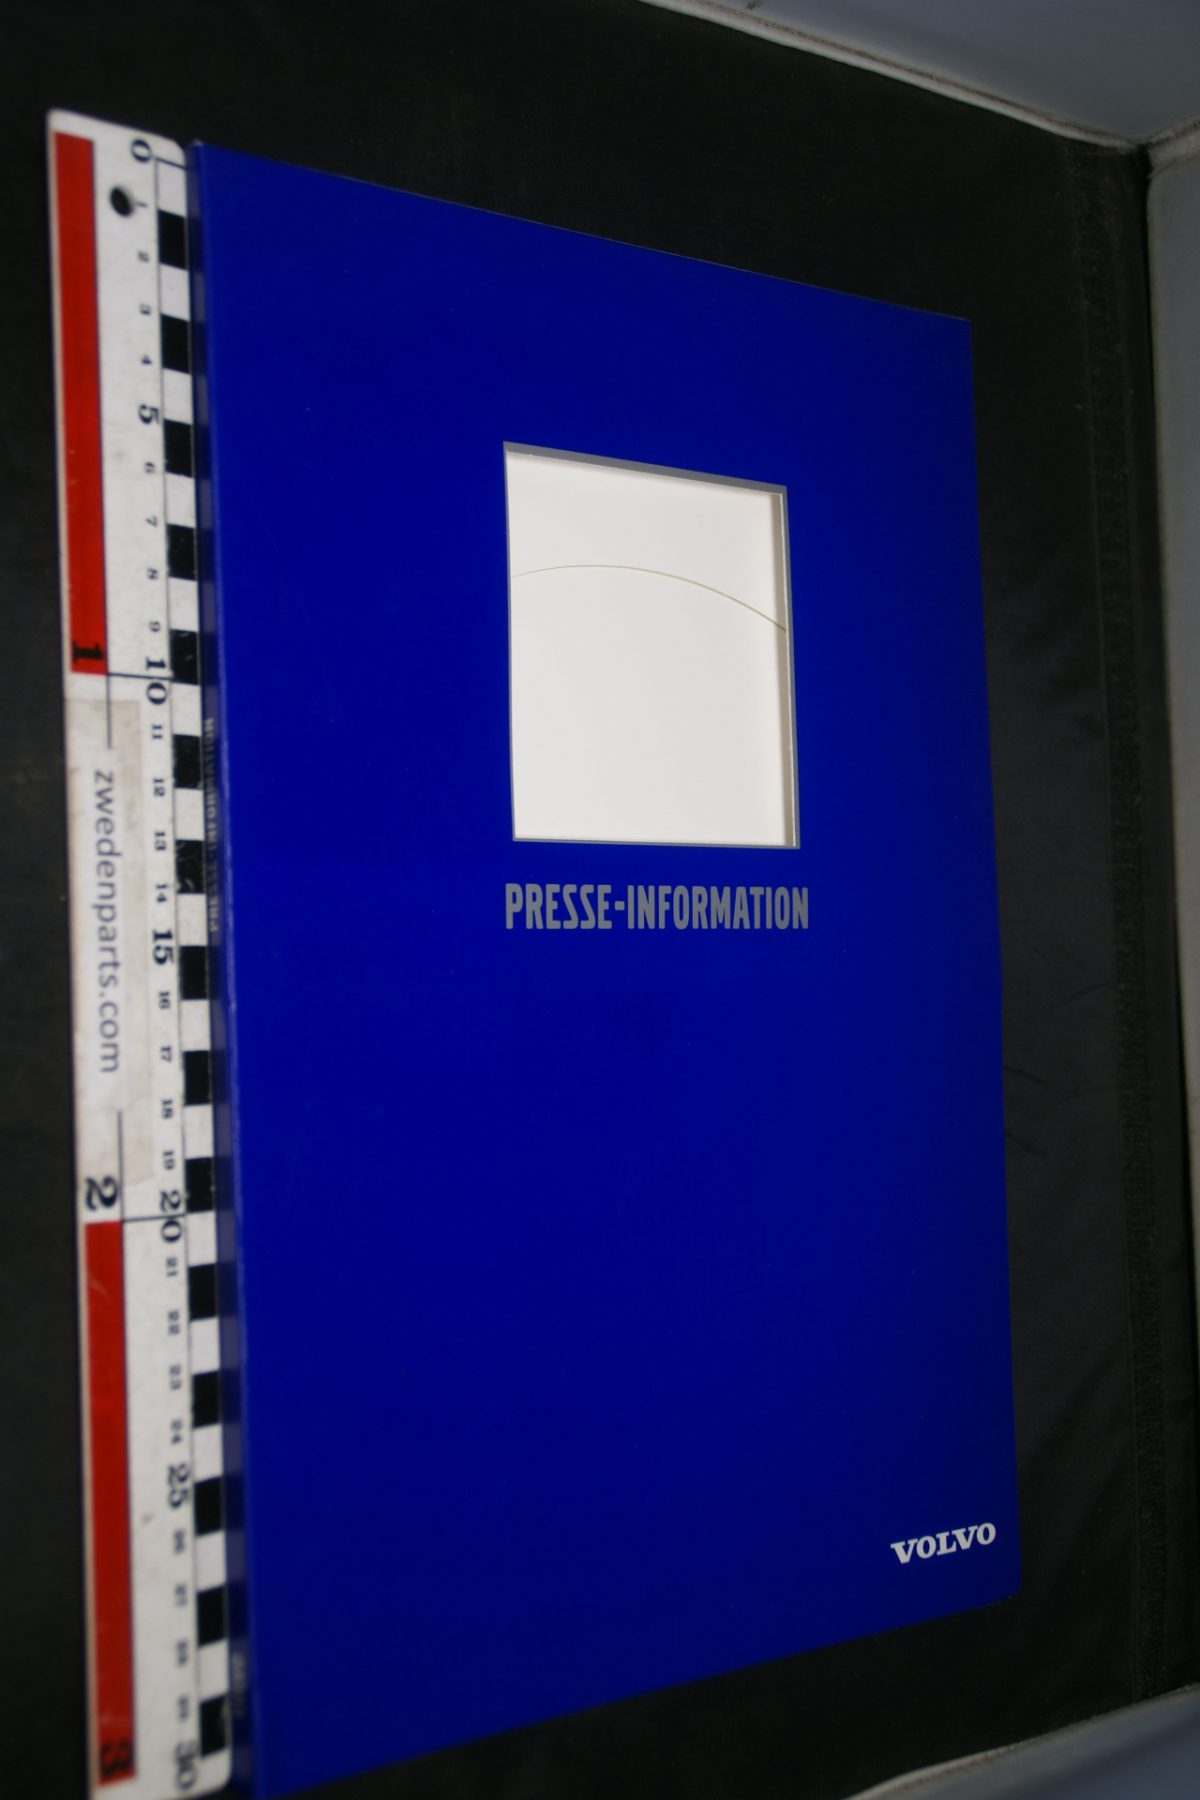 DSC04946 1999 Volvo persmap met persberichten en foto's